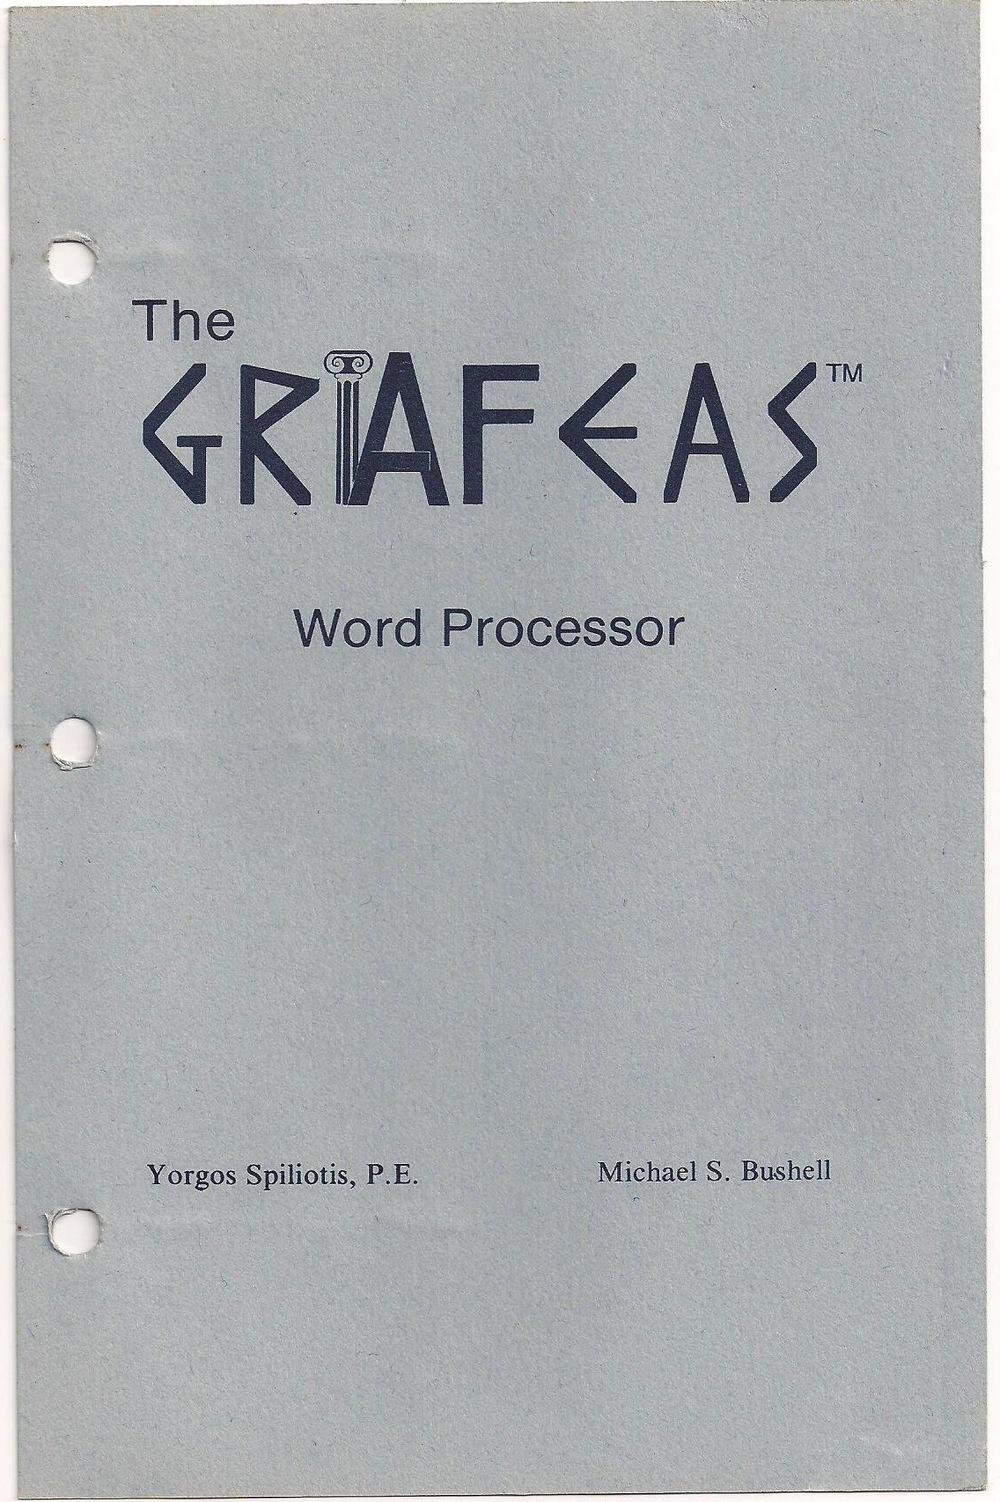 GRAFEAS_cover.jpg